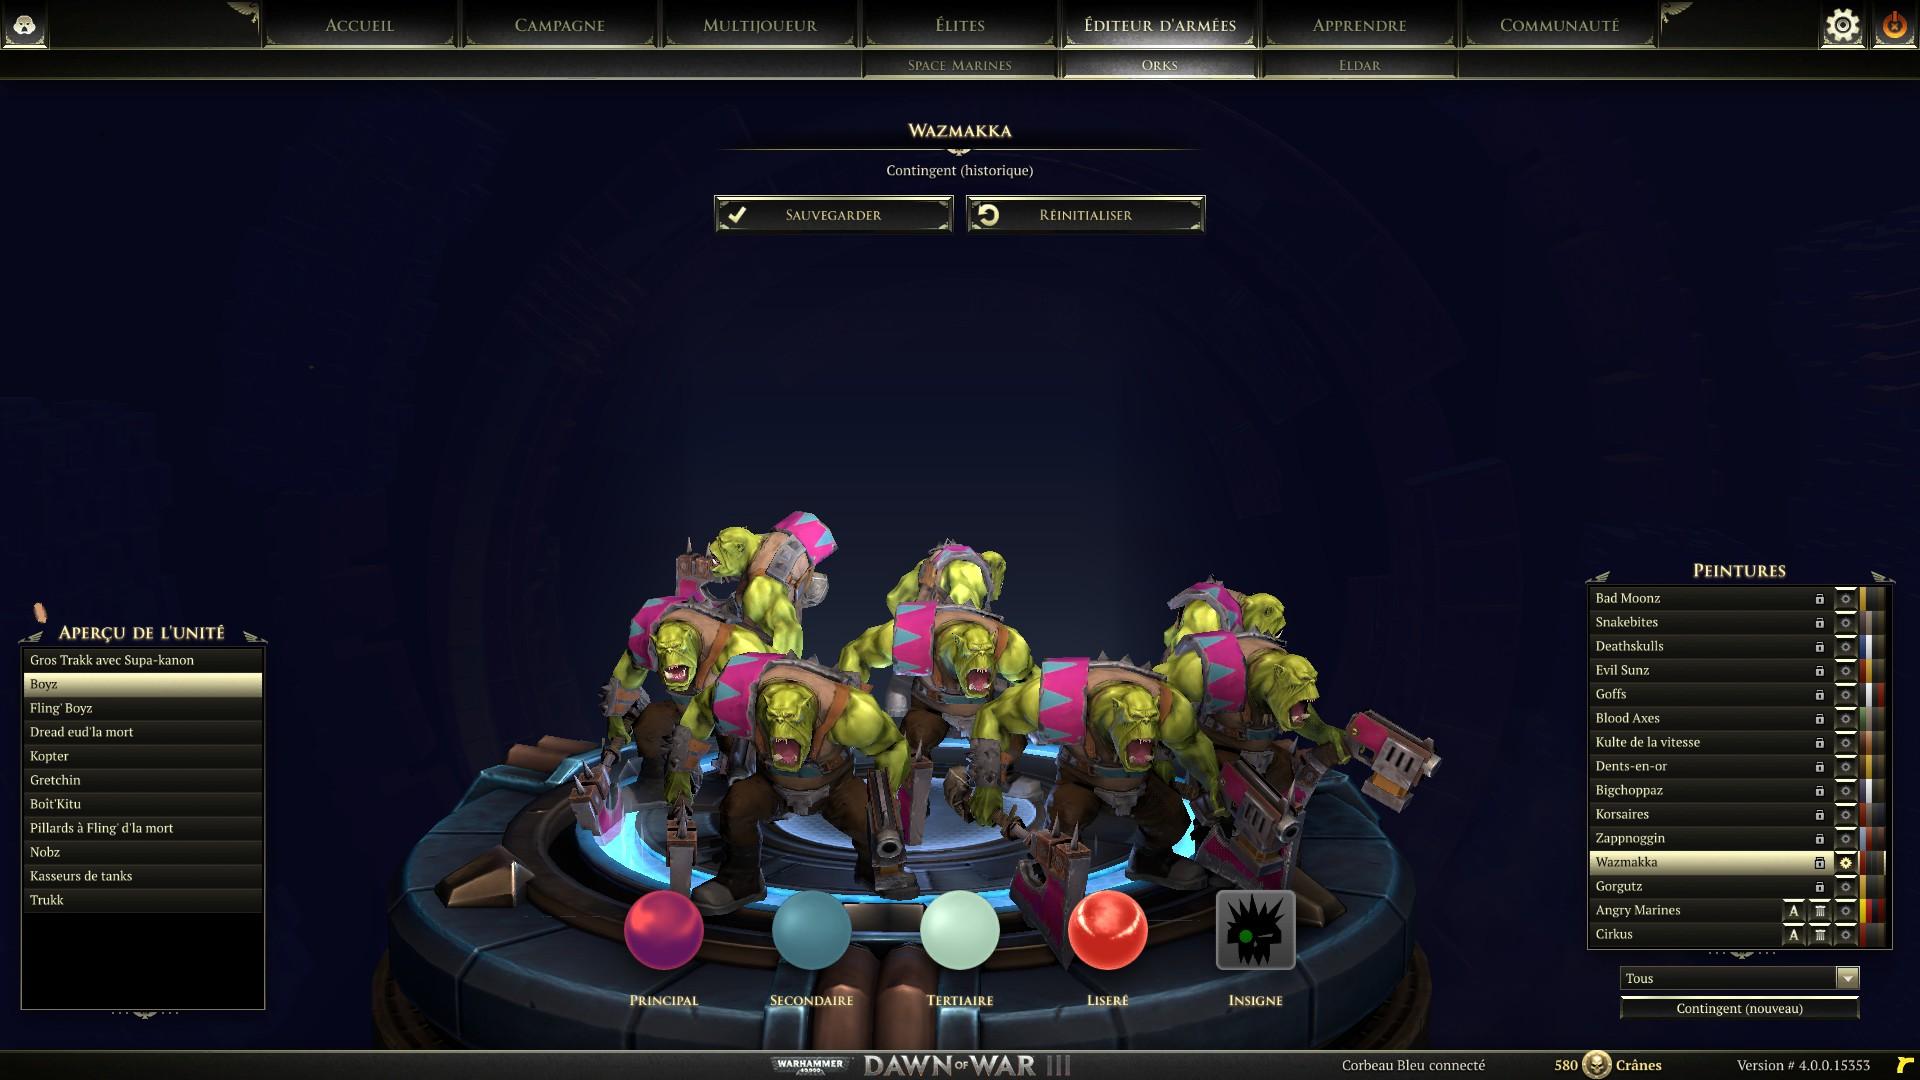 l'unité de matchmaking de vapeur